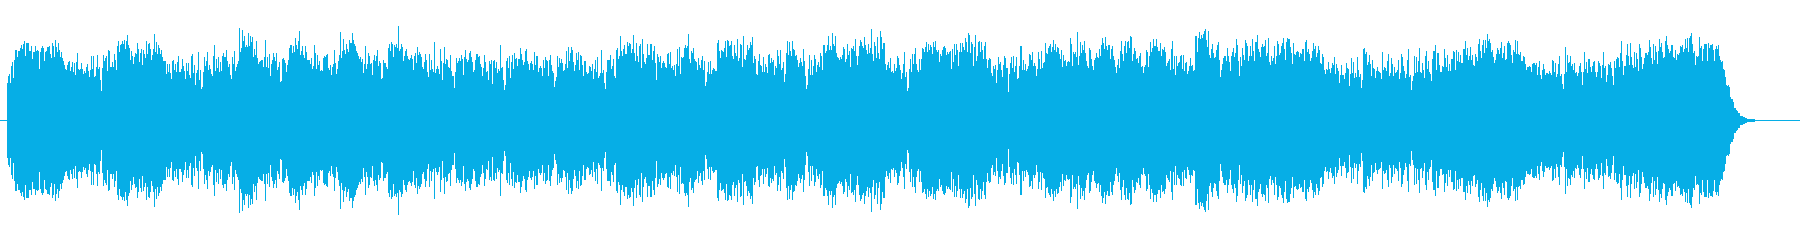 宇宙空間を漂うようなシンセミュージックの再生済みの波形